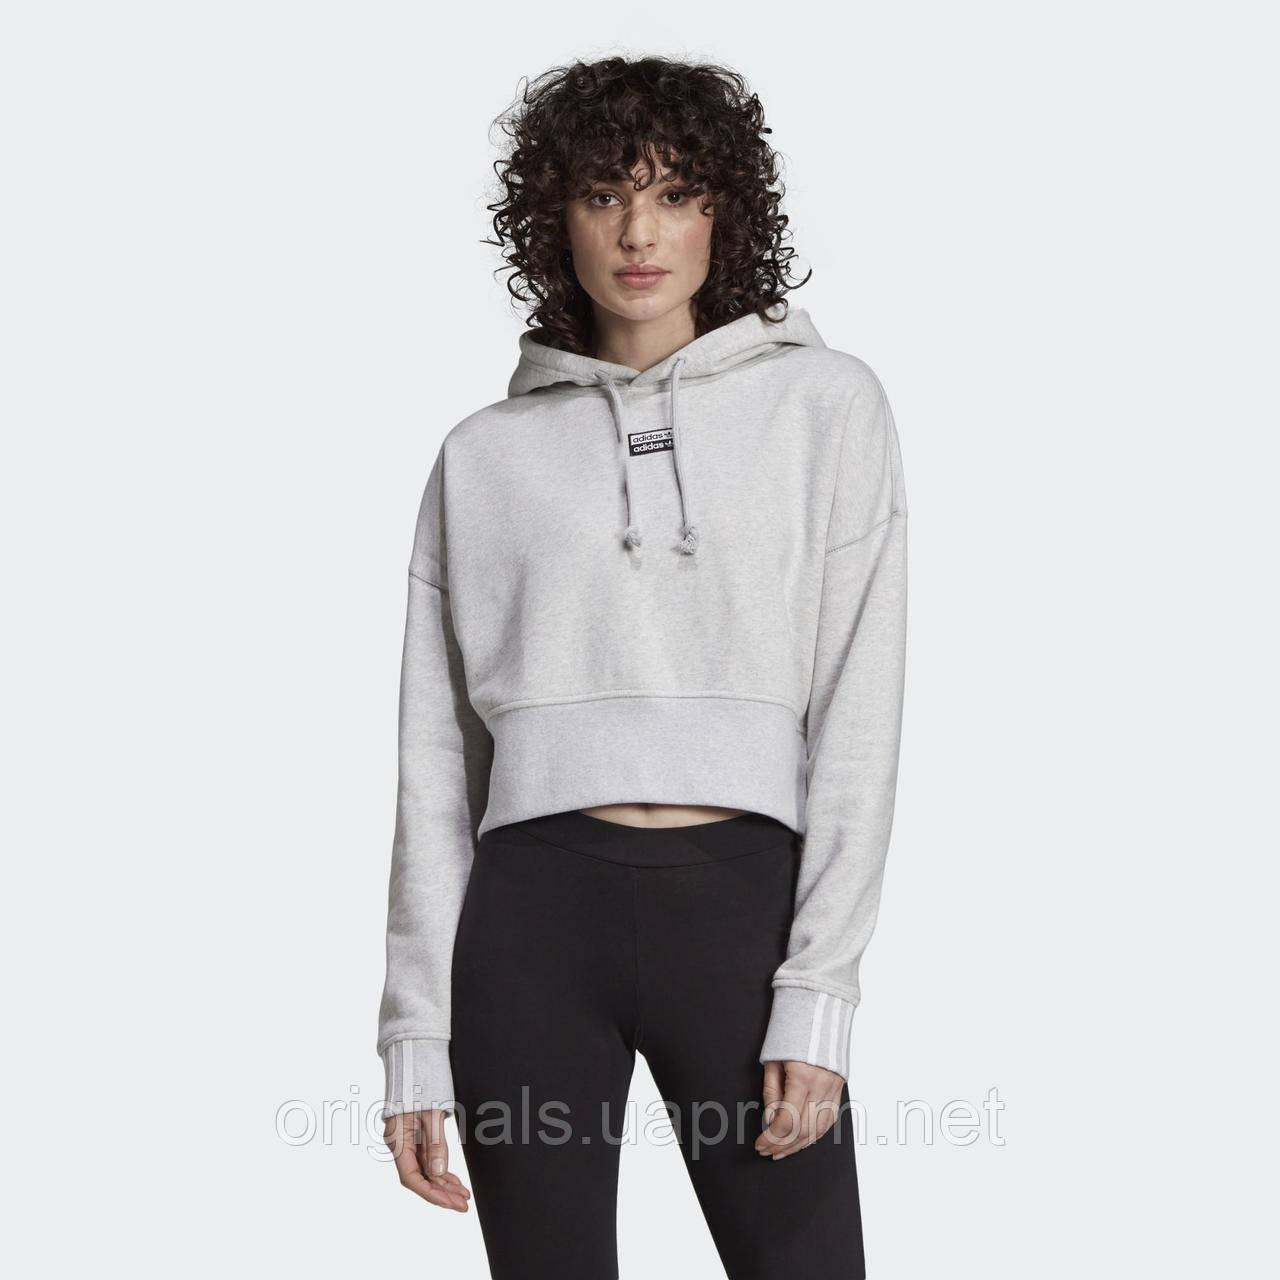 Укороченное худи женское Adidas Cropped Hoodie EJ8538